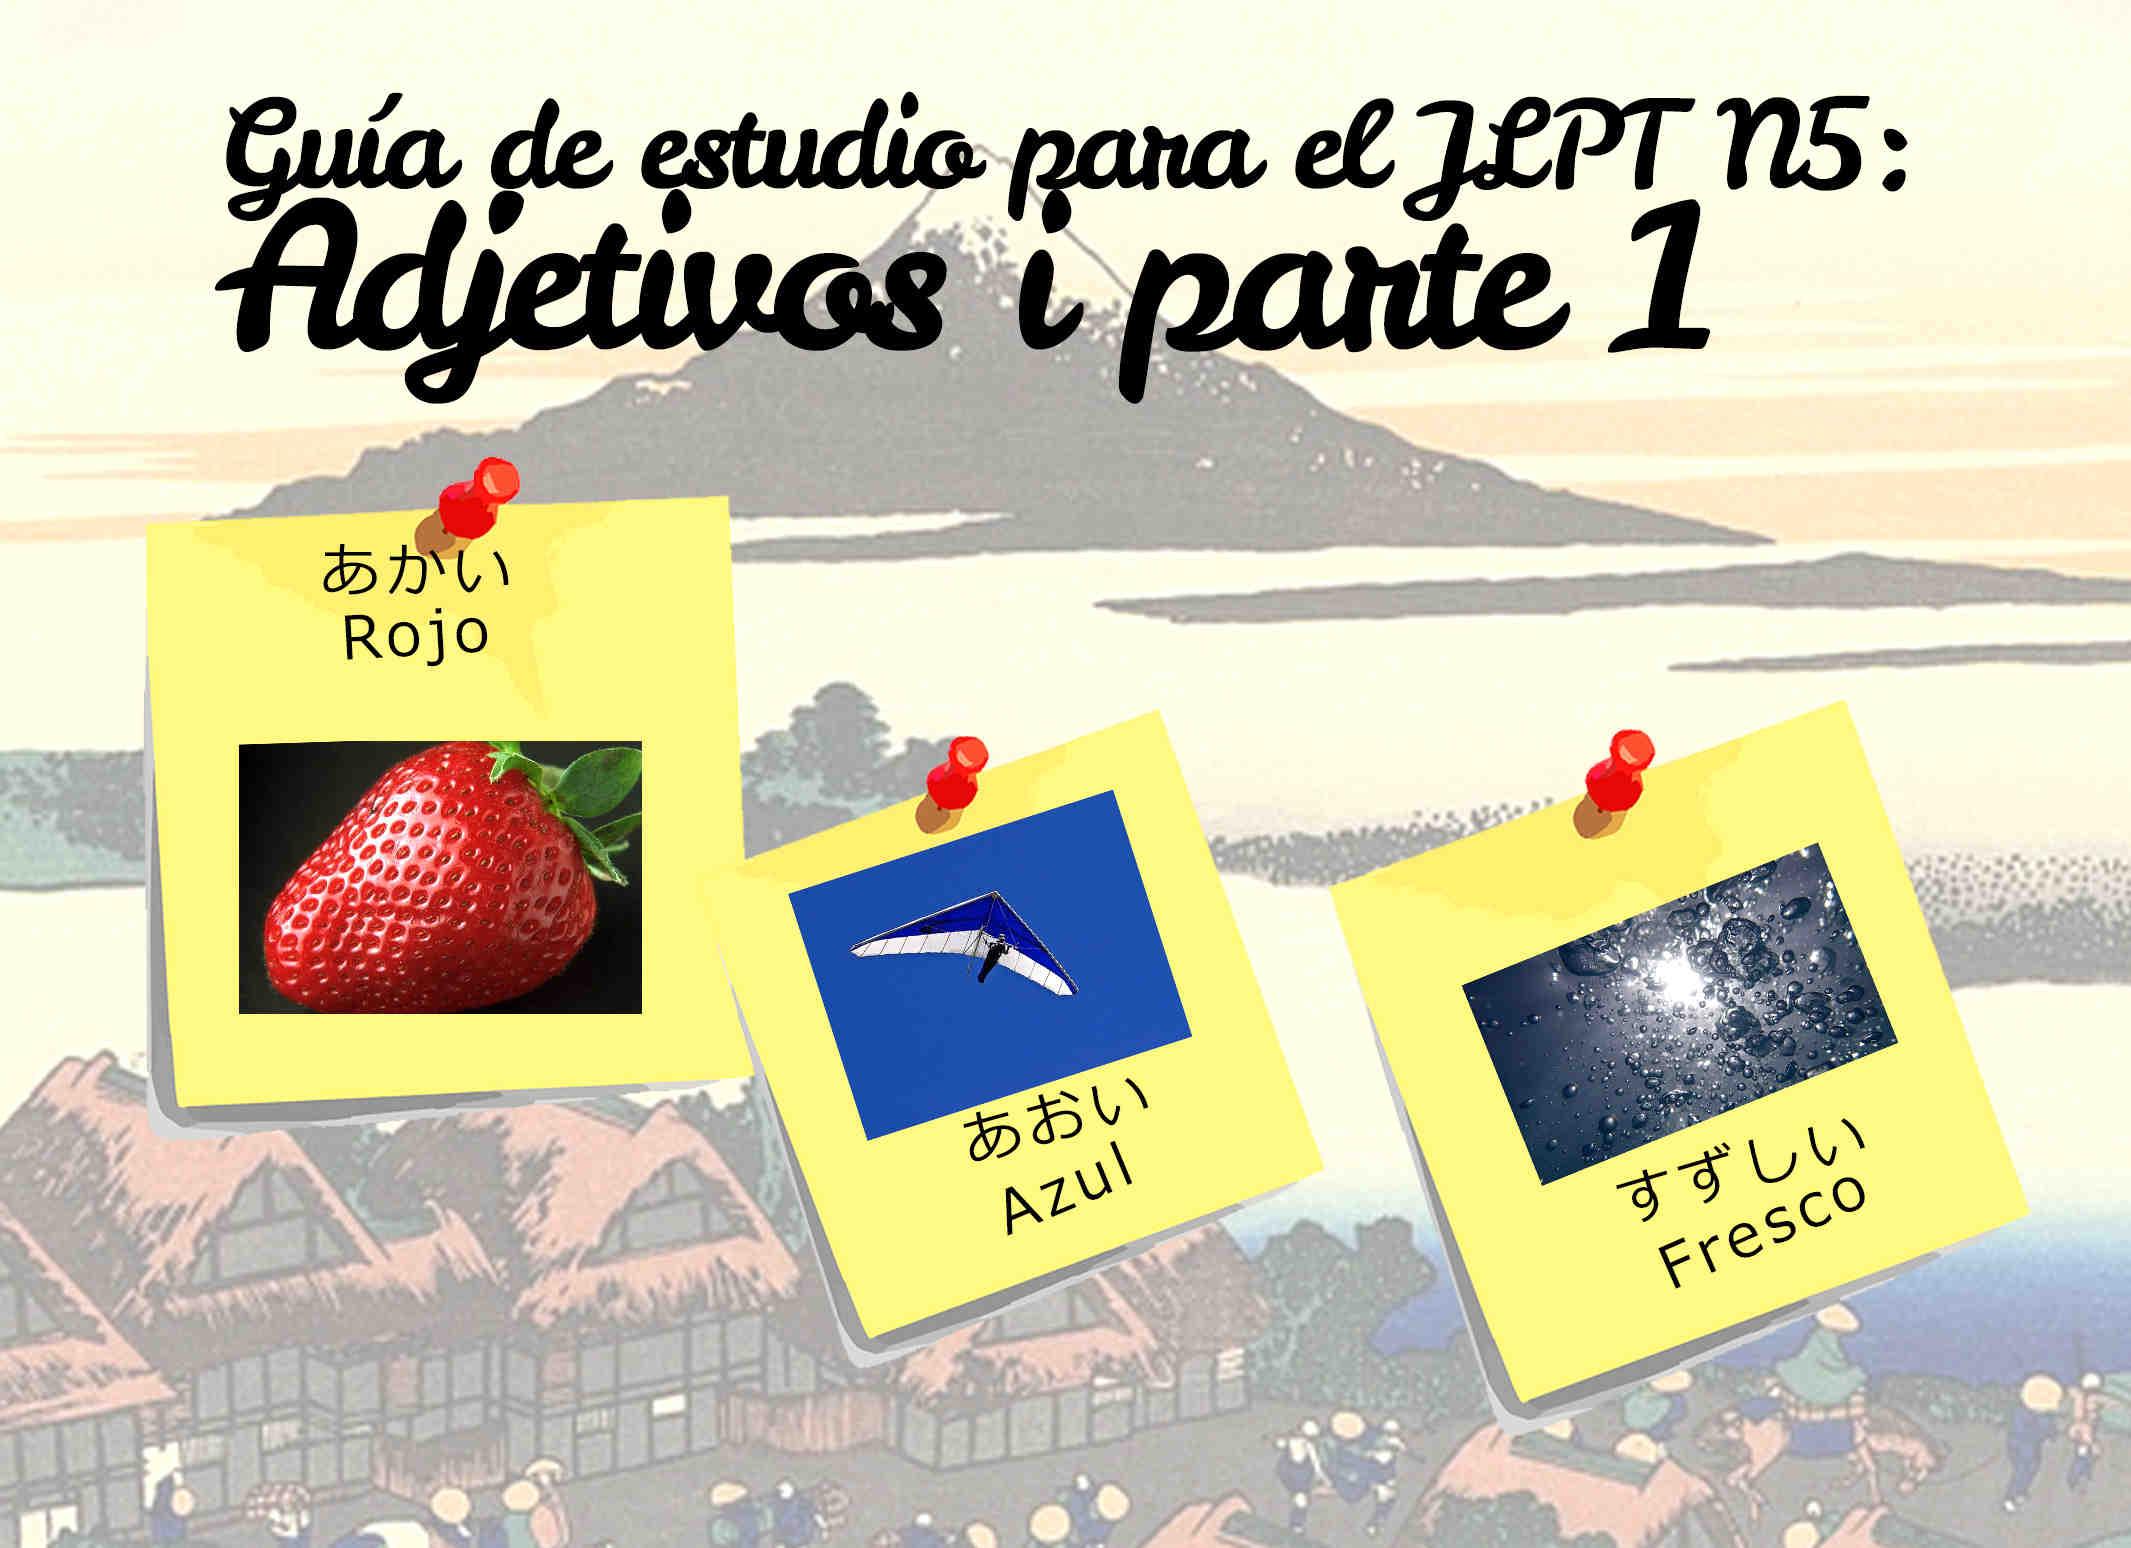 Guía de estudio para el JLPT N5: Adjetivos i parte 1